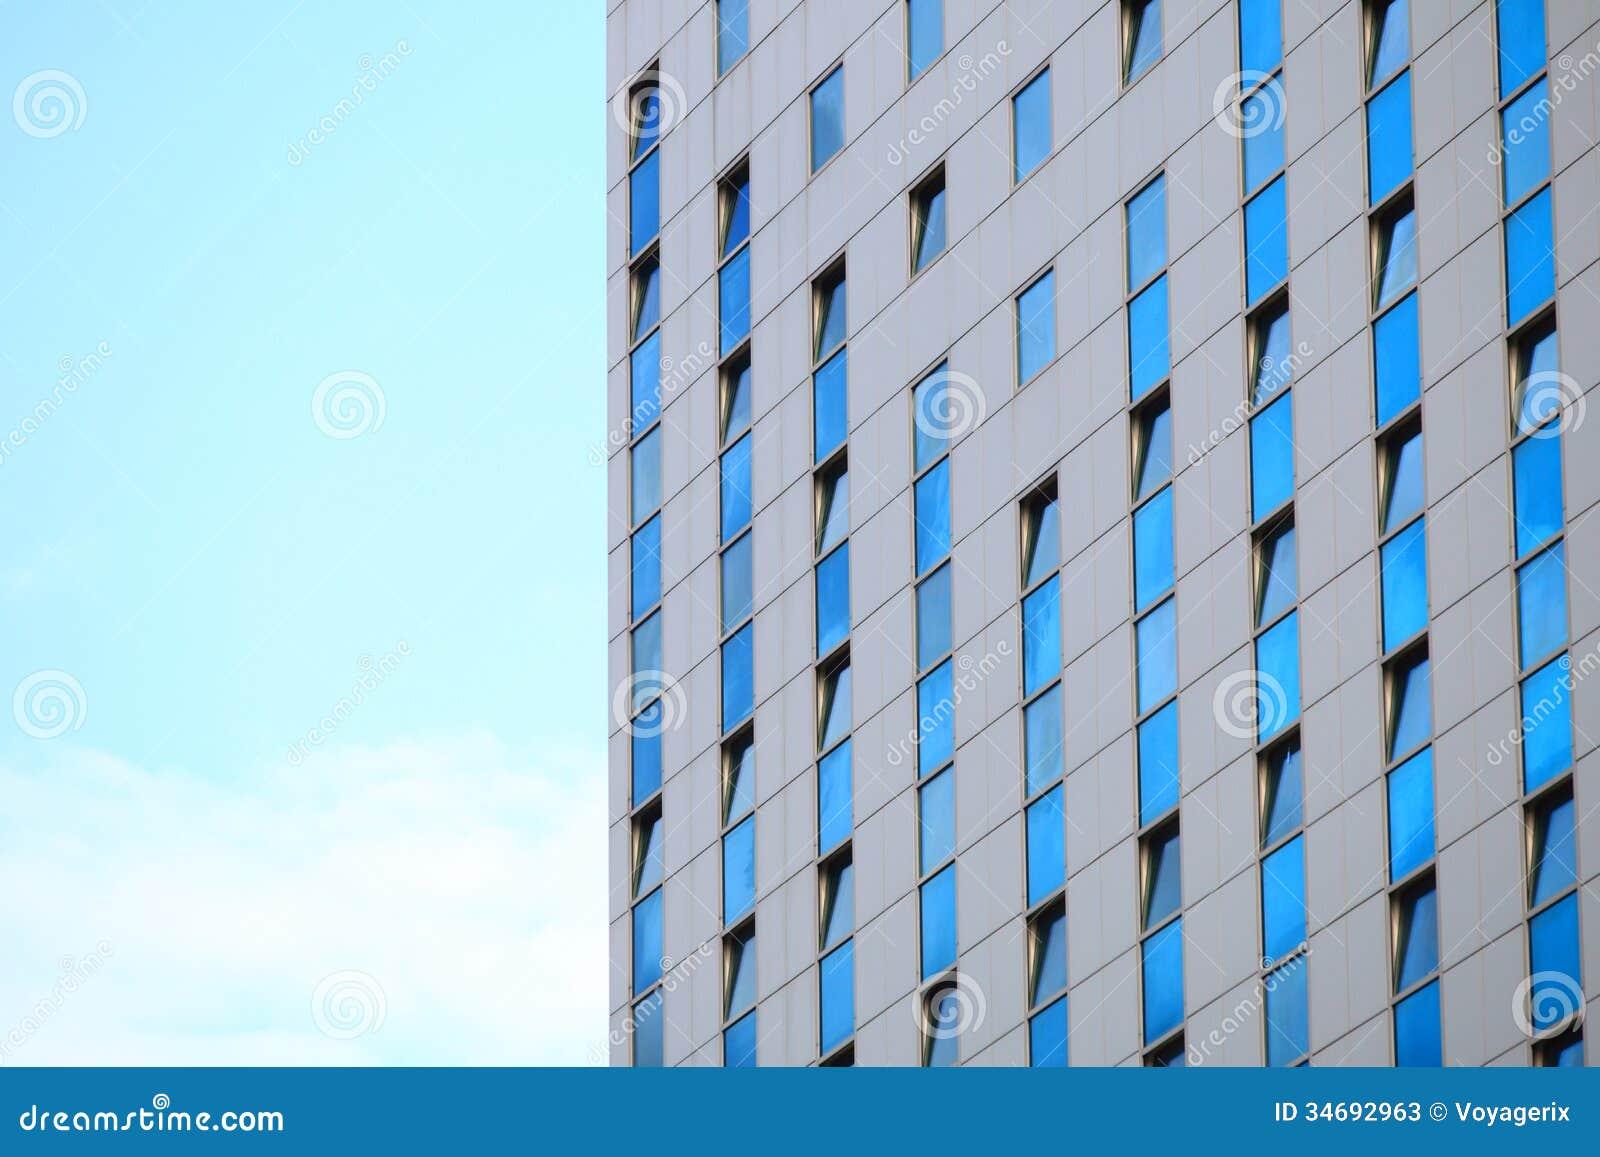 Corporate Business Building Futuristic business corporate